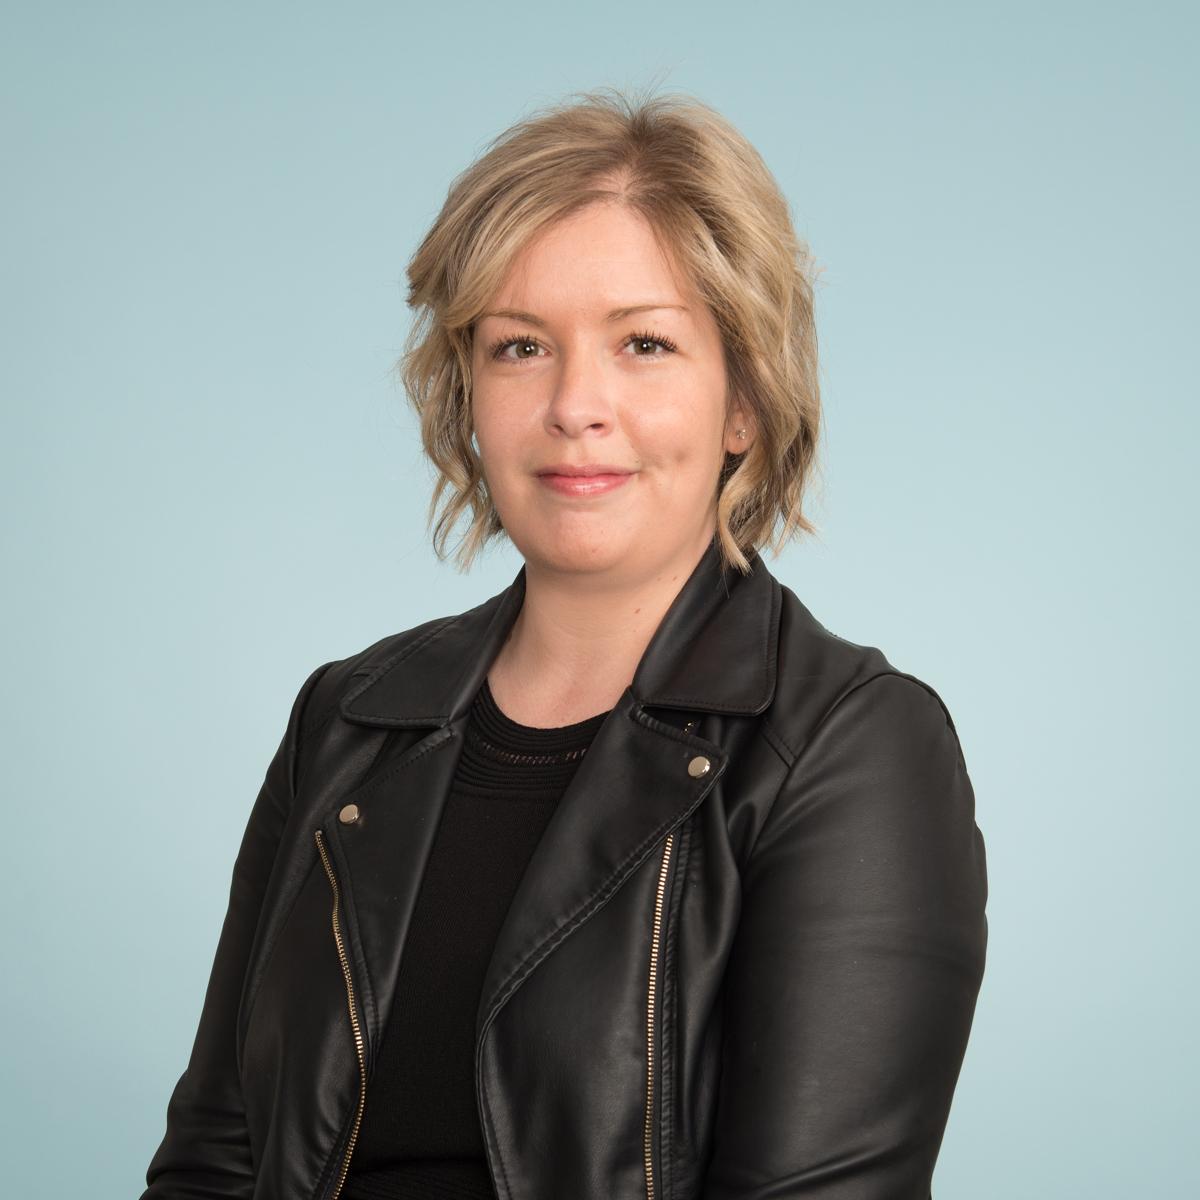 Sabrina Métayer